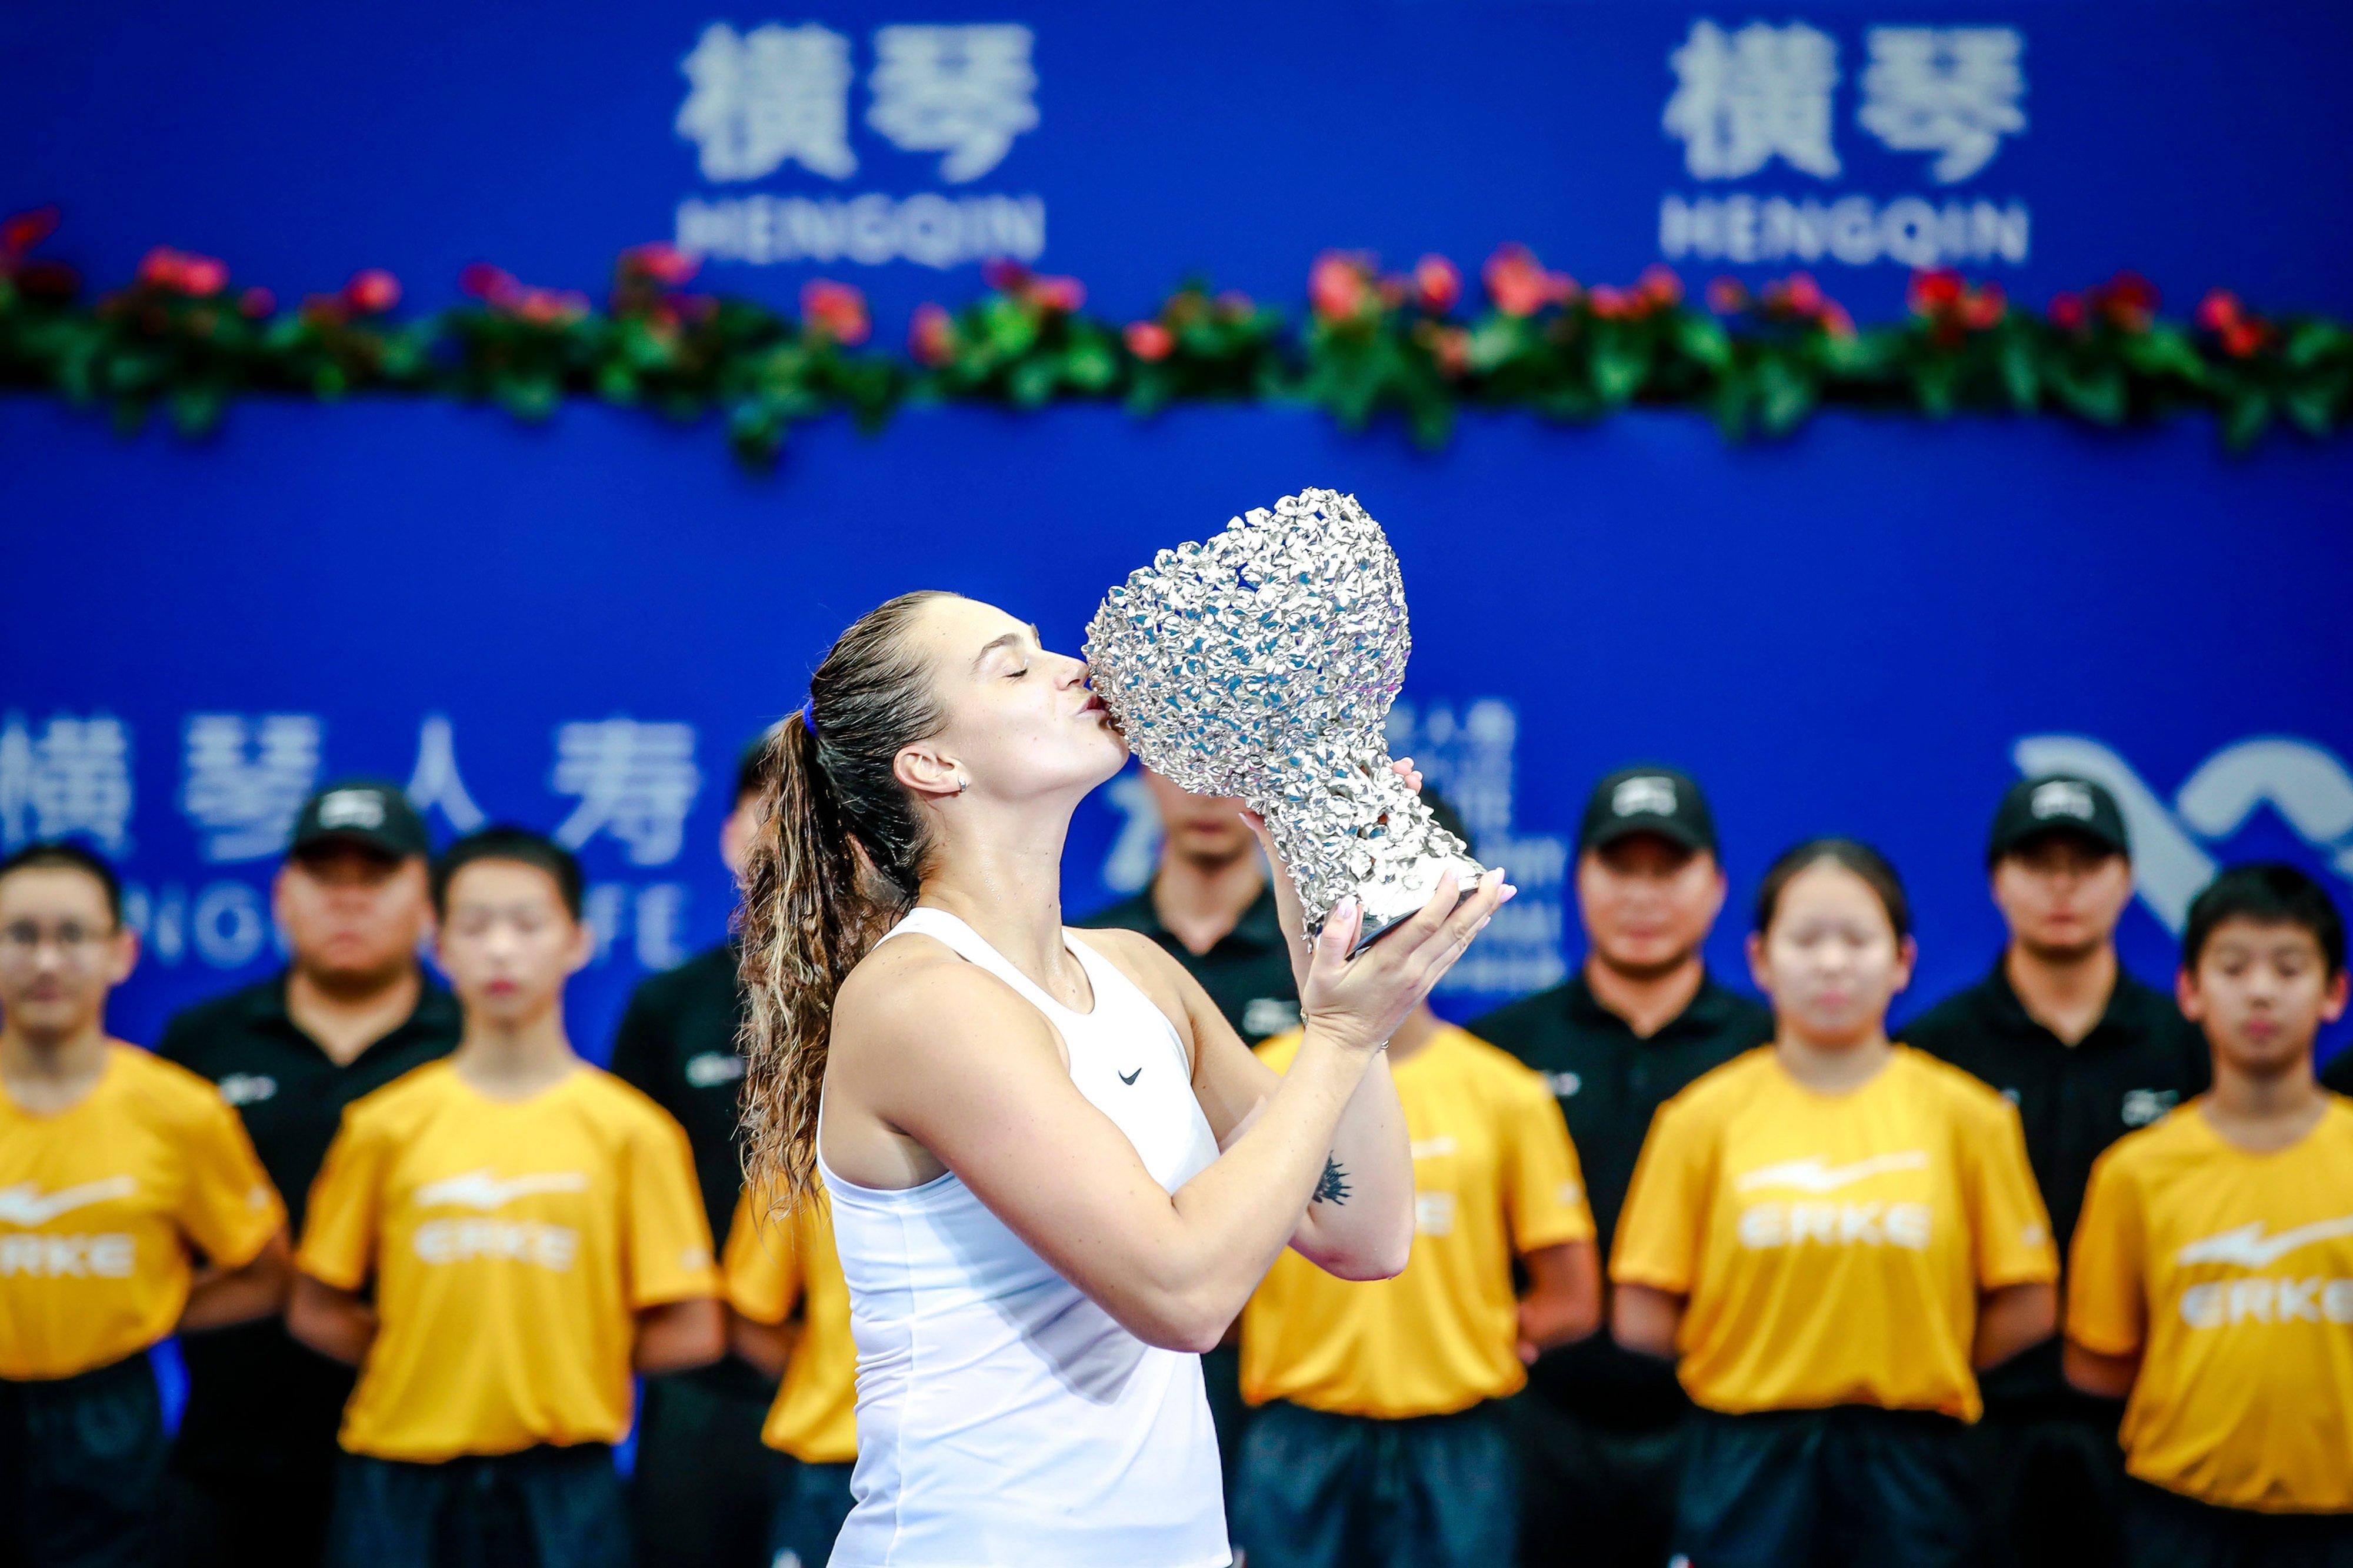 Aryna Sabalenka eases past Kiki Bertens to secure WTA Elite Trophy in Zhuhai